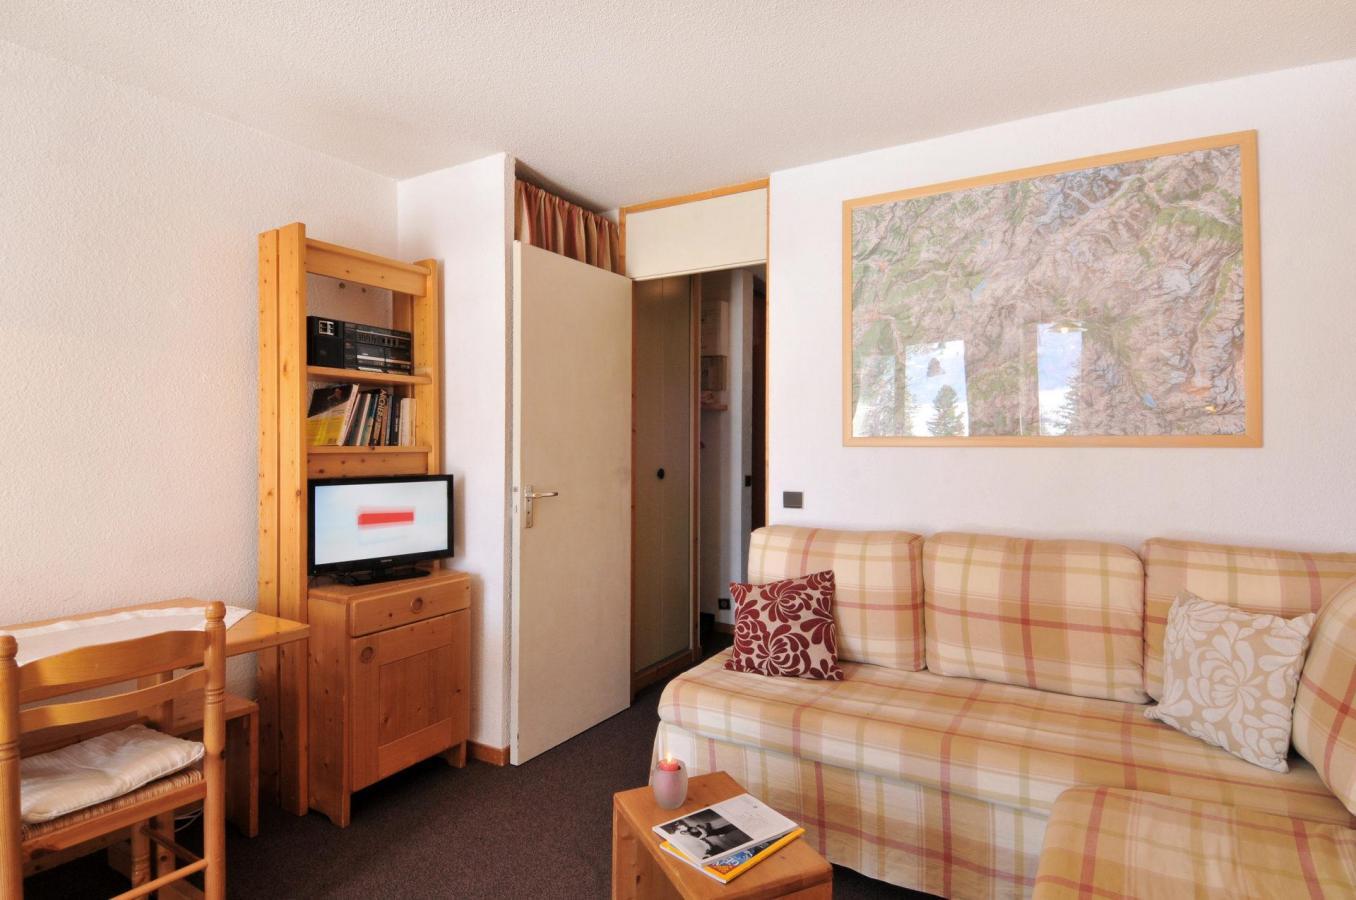 Location au ski Appartement 2 pièces 5 personnes (05) - Residence Turquoise - La Plagne